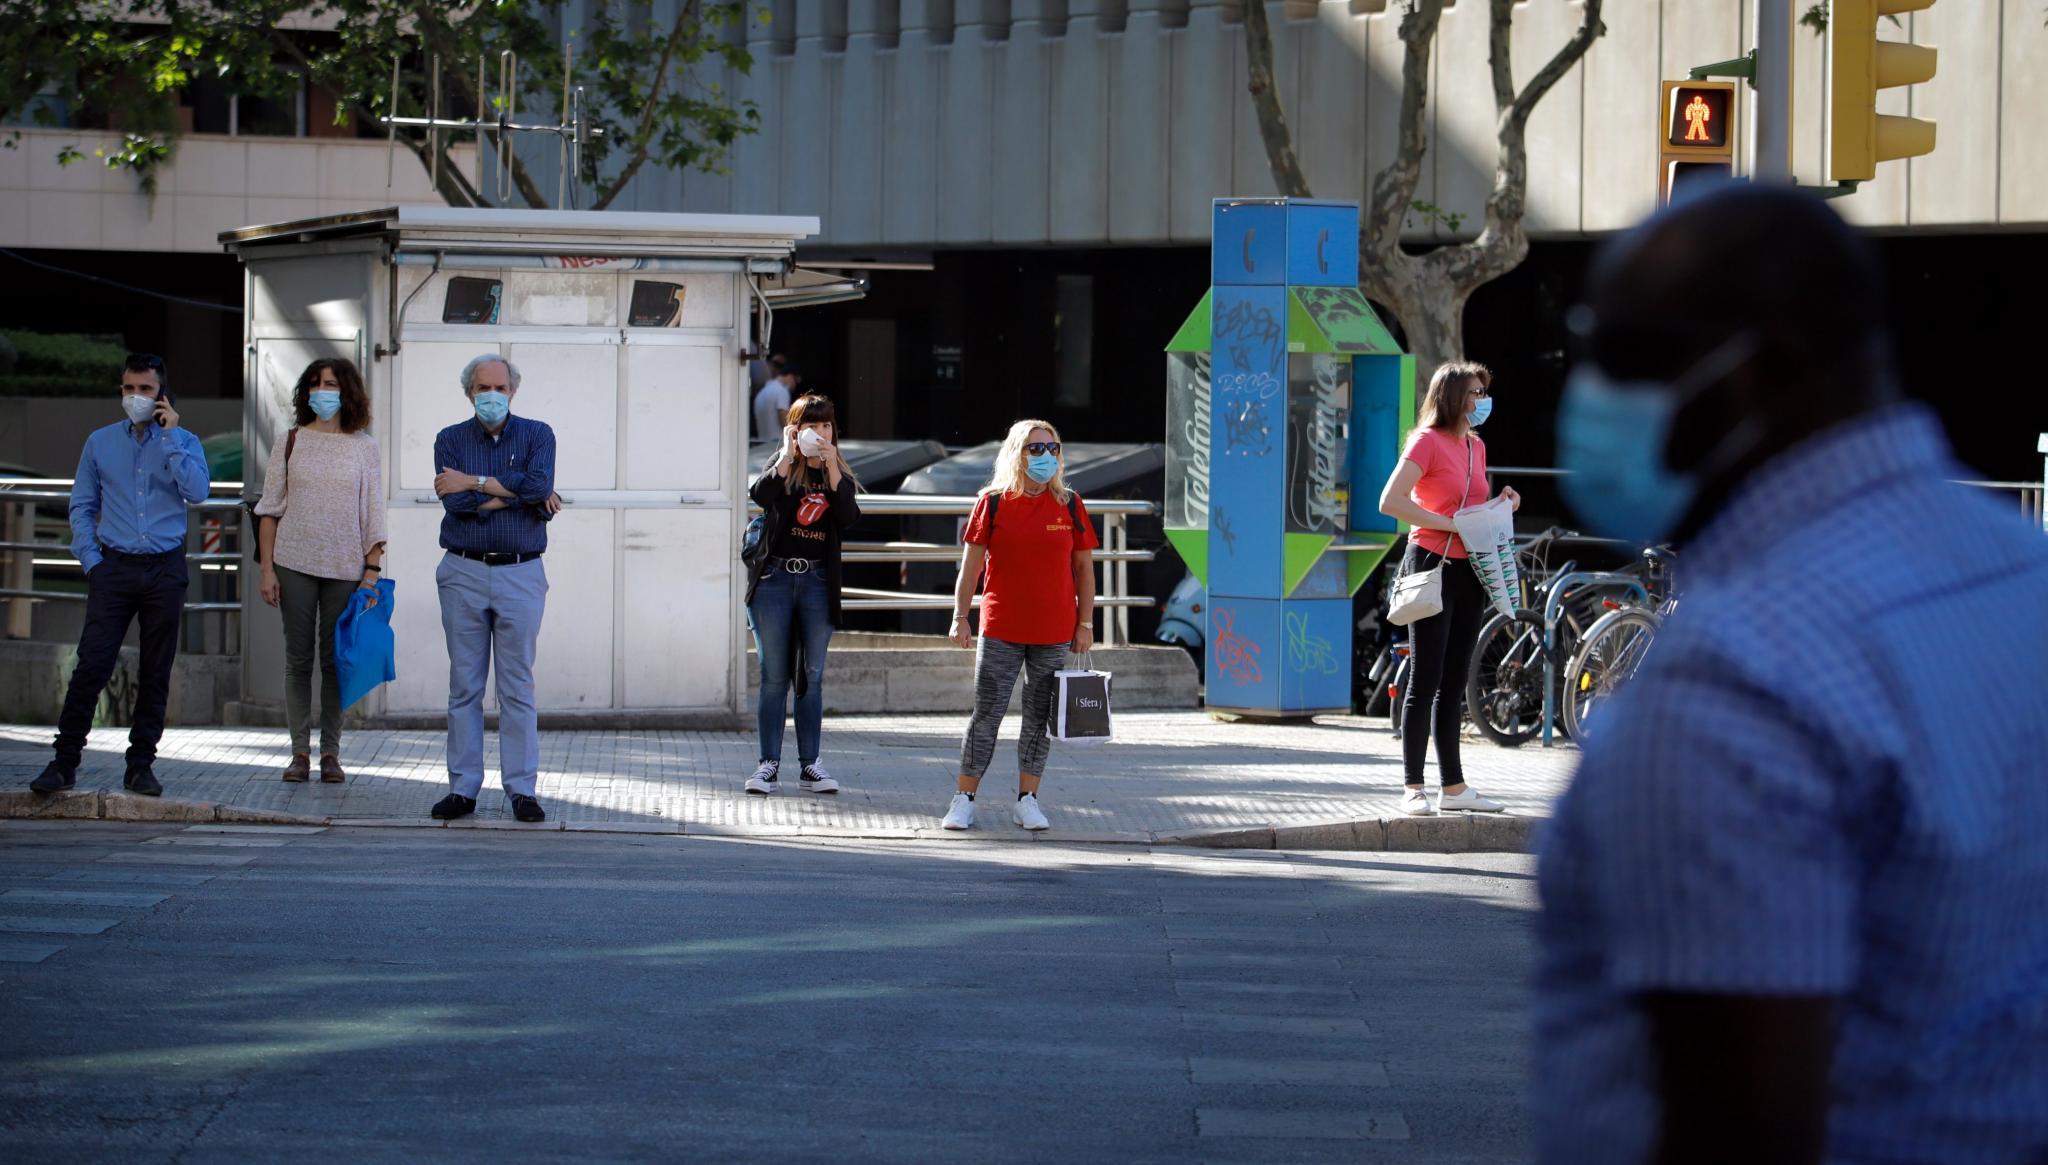 palma uso obligatorio de mascarilla - fotos en la zona de avenidas